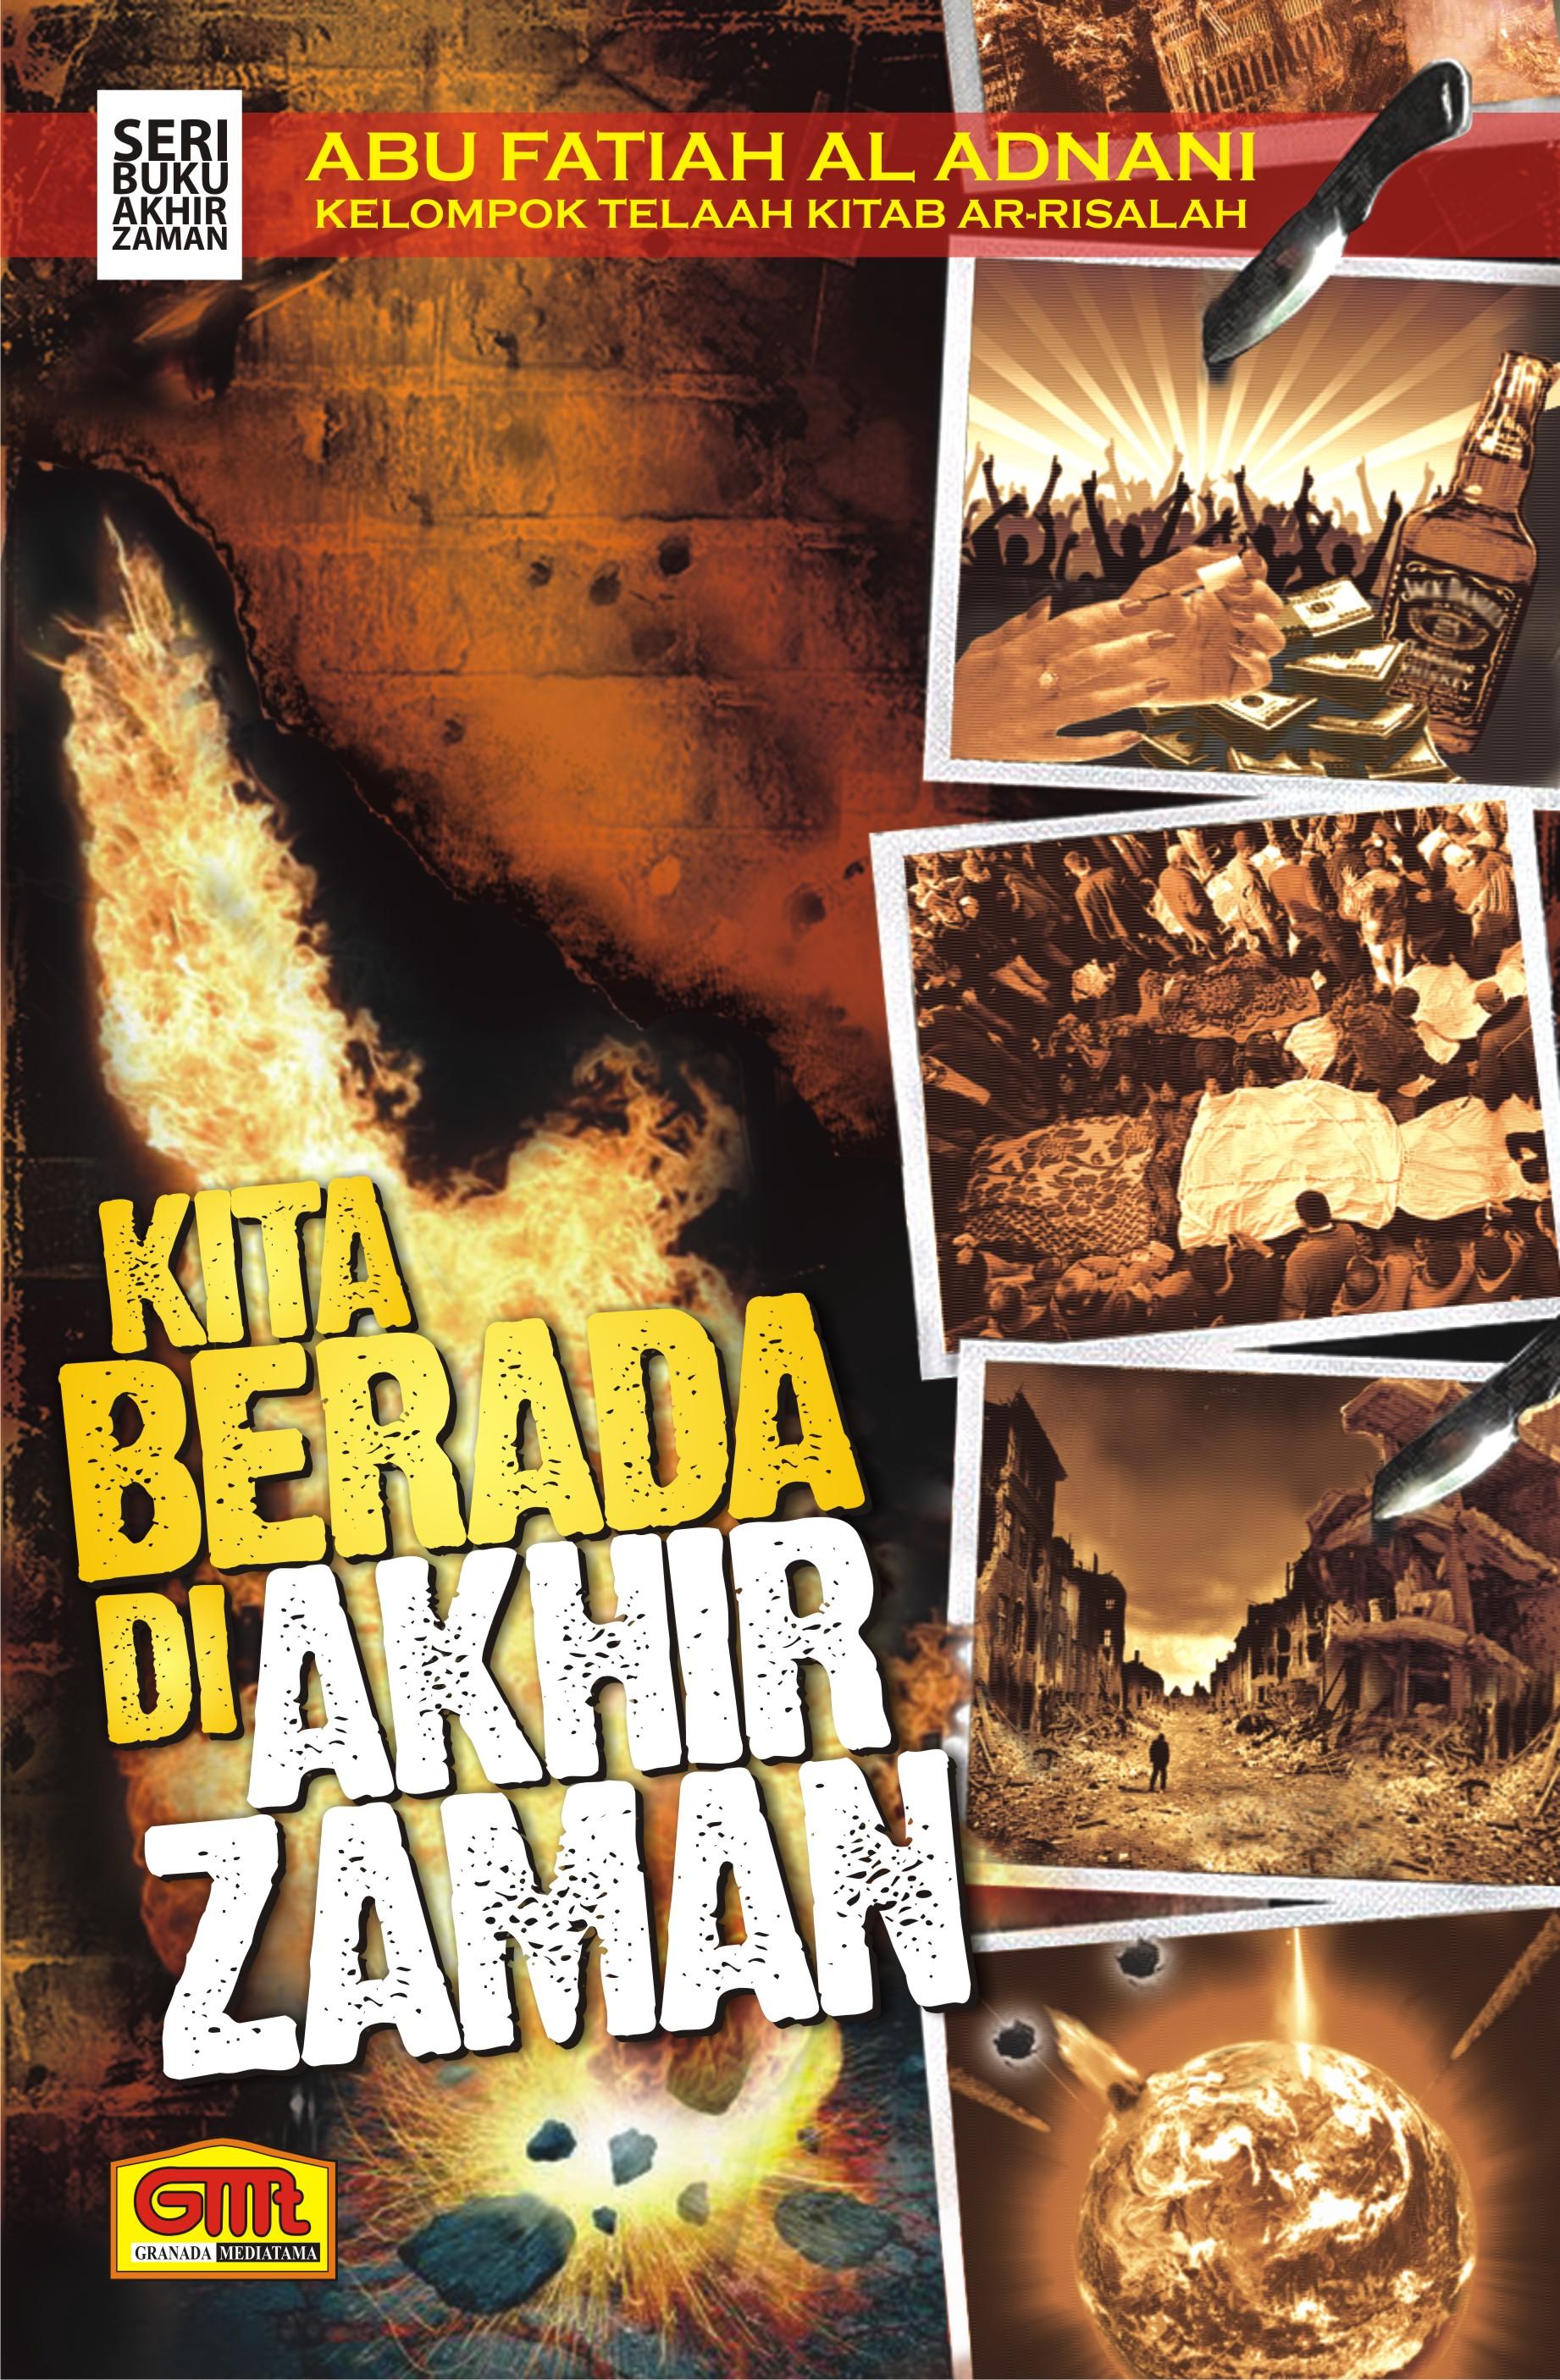 Kita Berada Di Akhir Zaman Buku Islam Zikir Abu Fatiah Al Adnani